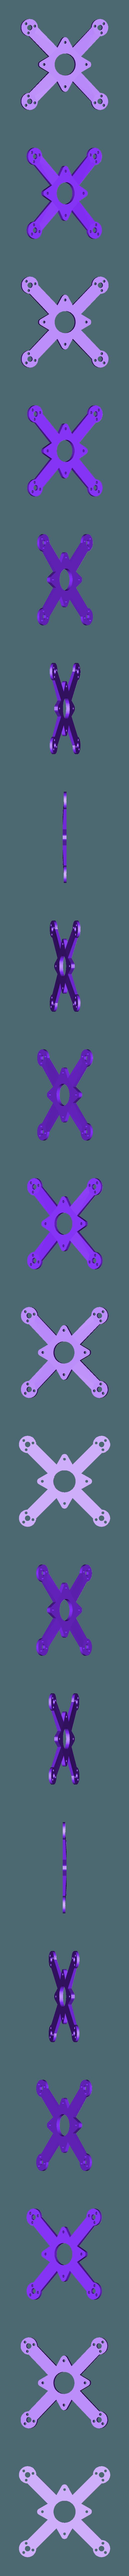 51_base_cln.stl Télécharger fichier STL gratuit Brushless Shutter Bug • Plan pour impression 3D, noctaro